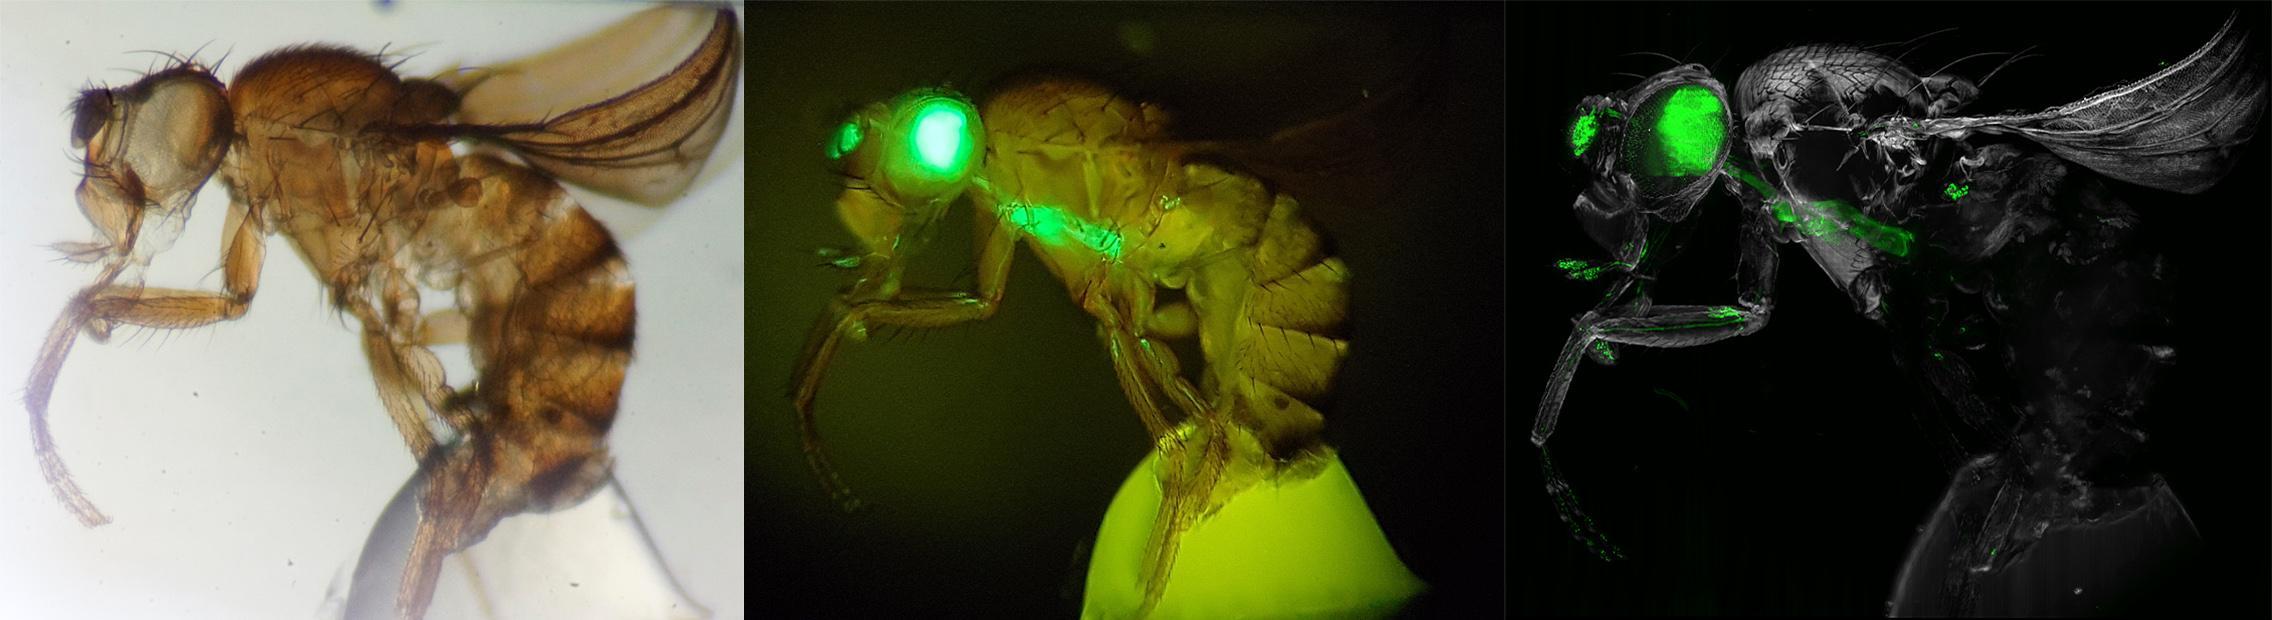 Прозрачная муха и новый подход к изучению строения нервной системы